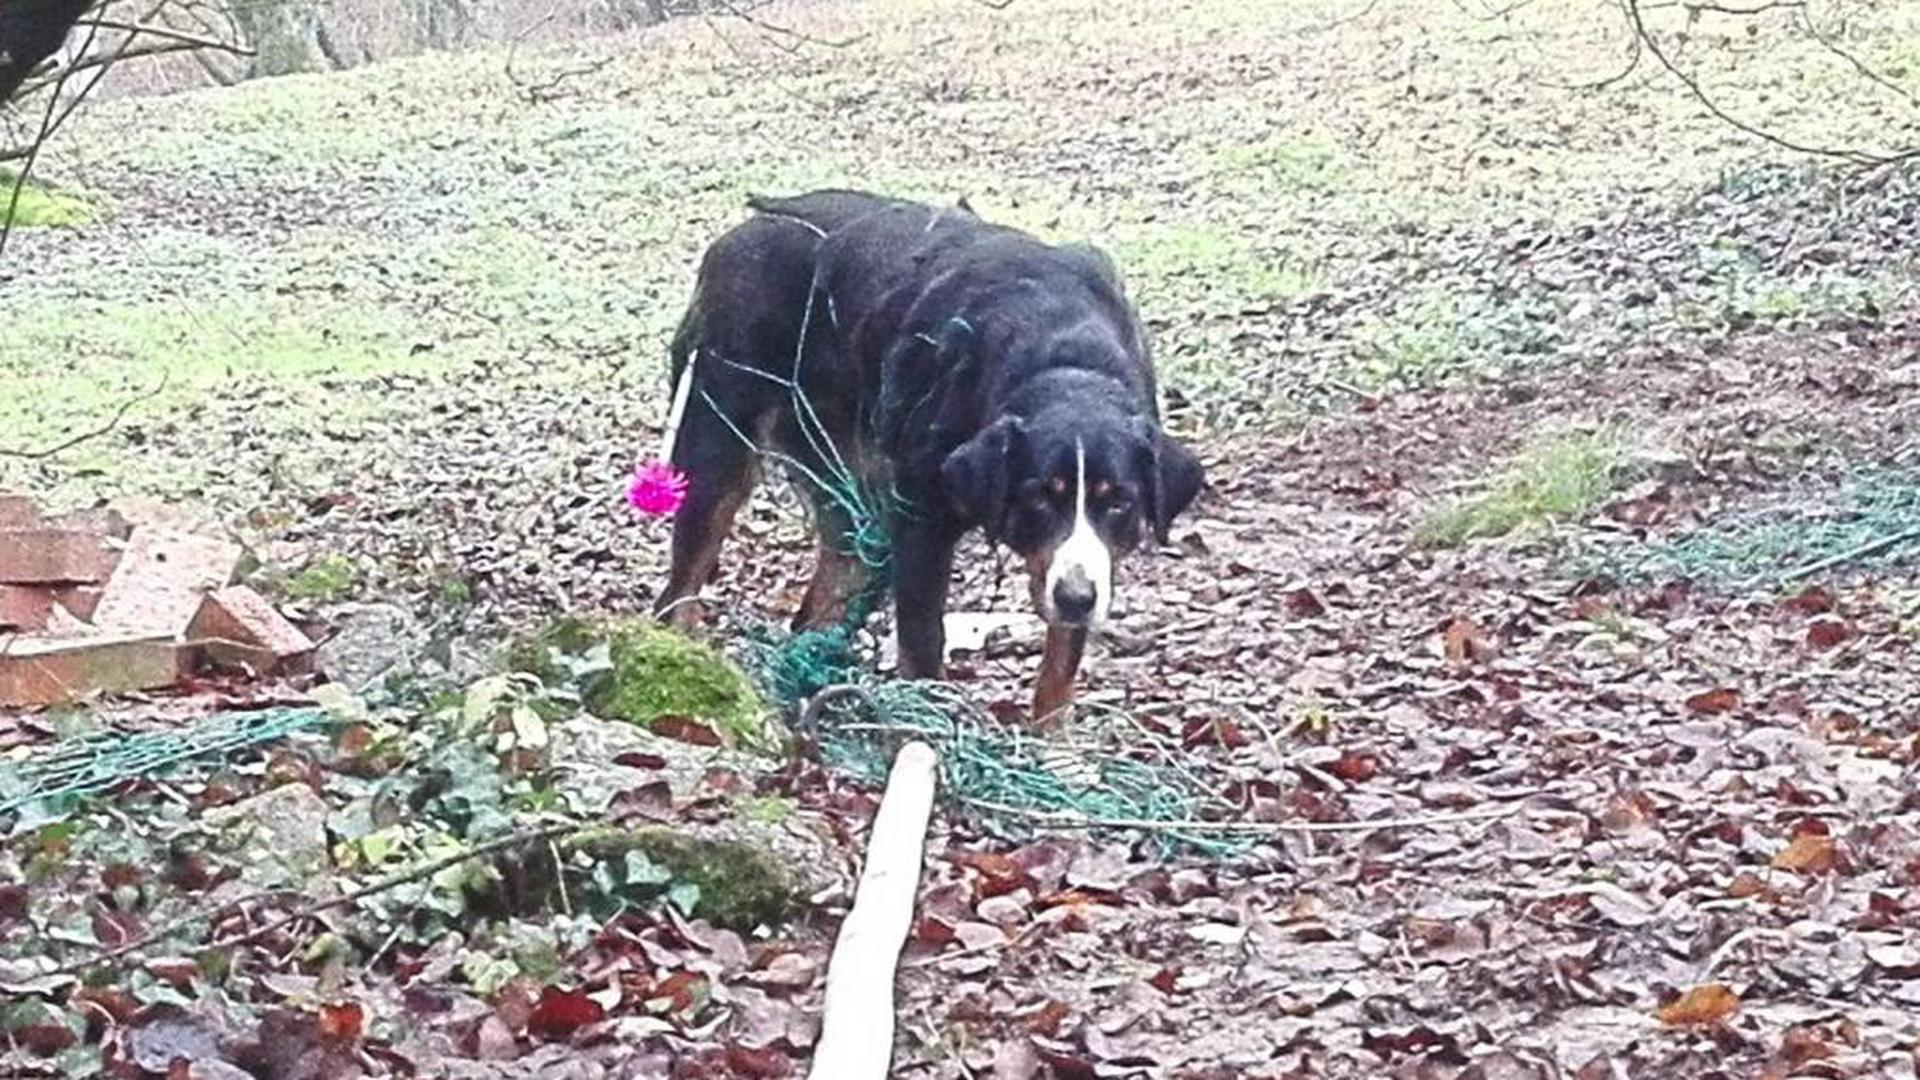 Komplett verfangen – und das über Stunden – hatte sich dieser Hund in einem Zaun. Er war derart in Panik, dass die Polizei ihn nicht befreien konnte und das Tier betäubt werden musste.